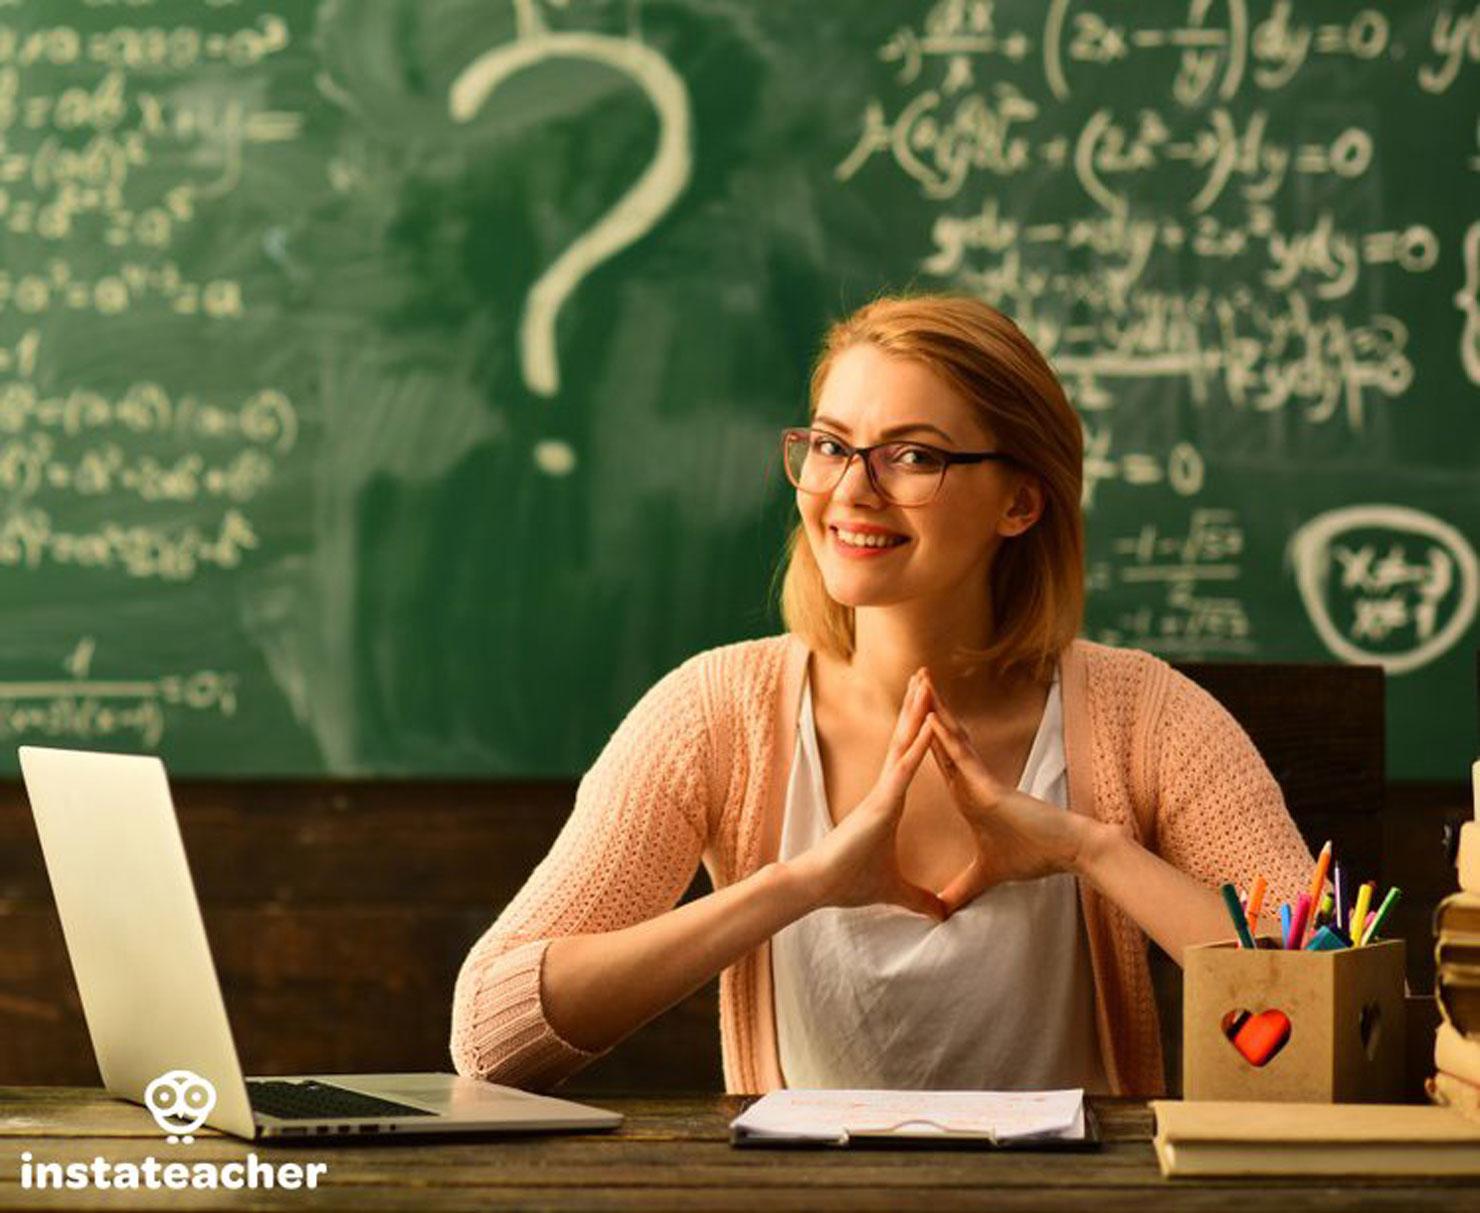 Ώρα να βρείς τον δάσκαλό σου; Ευκολάκι με ένα κλικ στο instateacher.gr